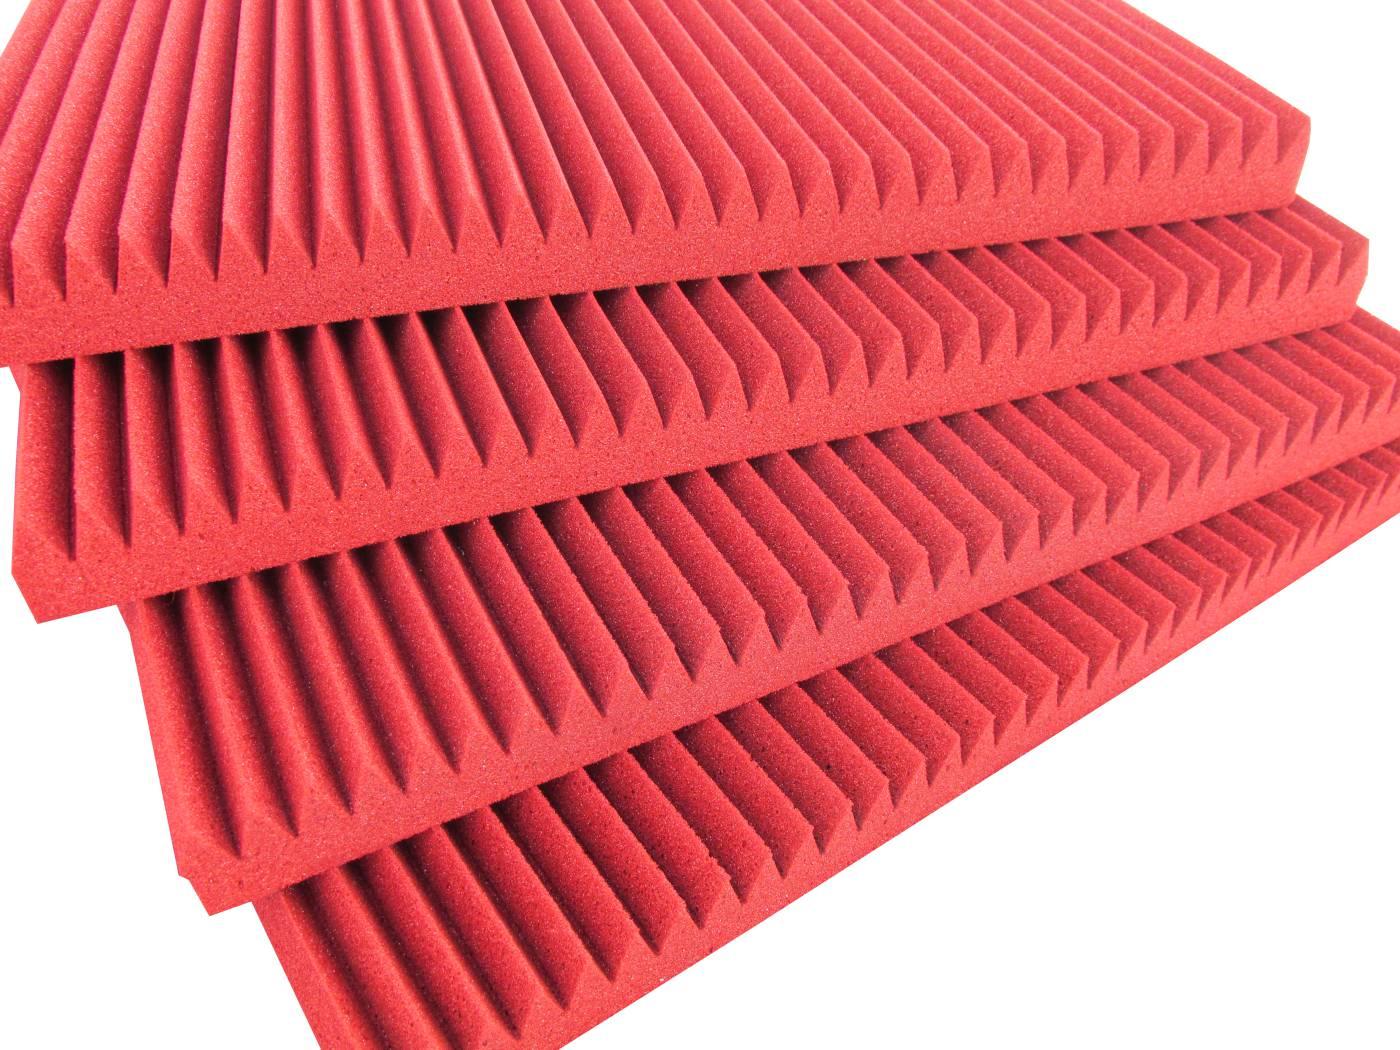 Espuma acústica REV - W - Vermelho - Kit 4 peças (1m²) - 30mm  - Loja SPL Acústica